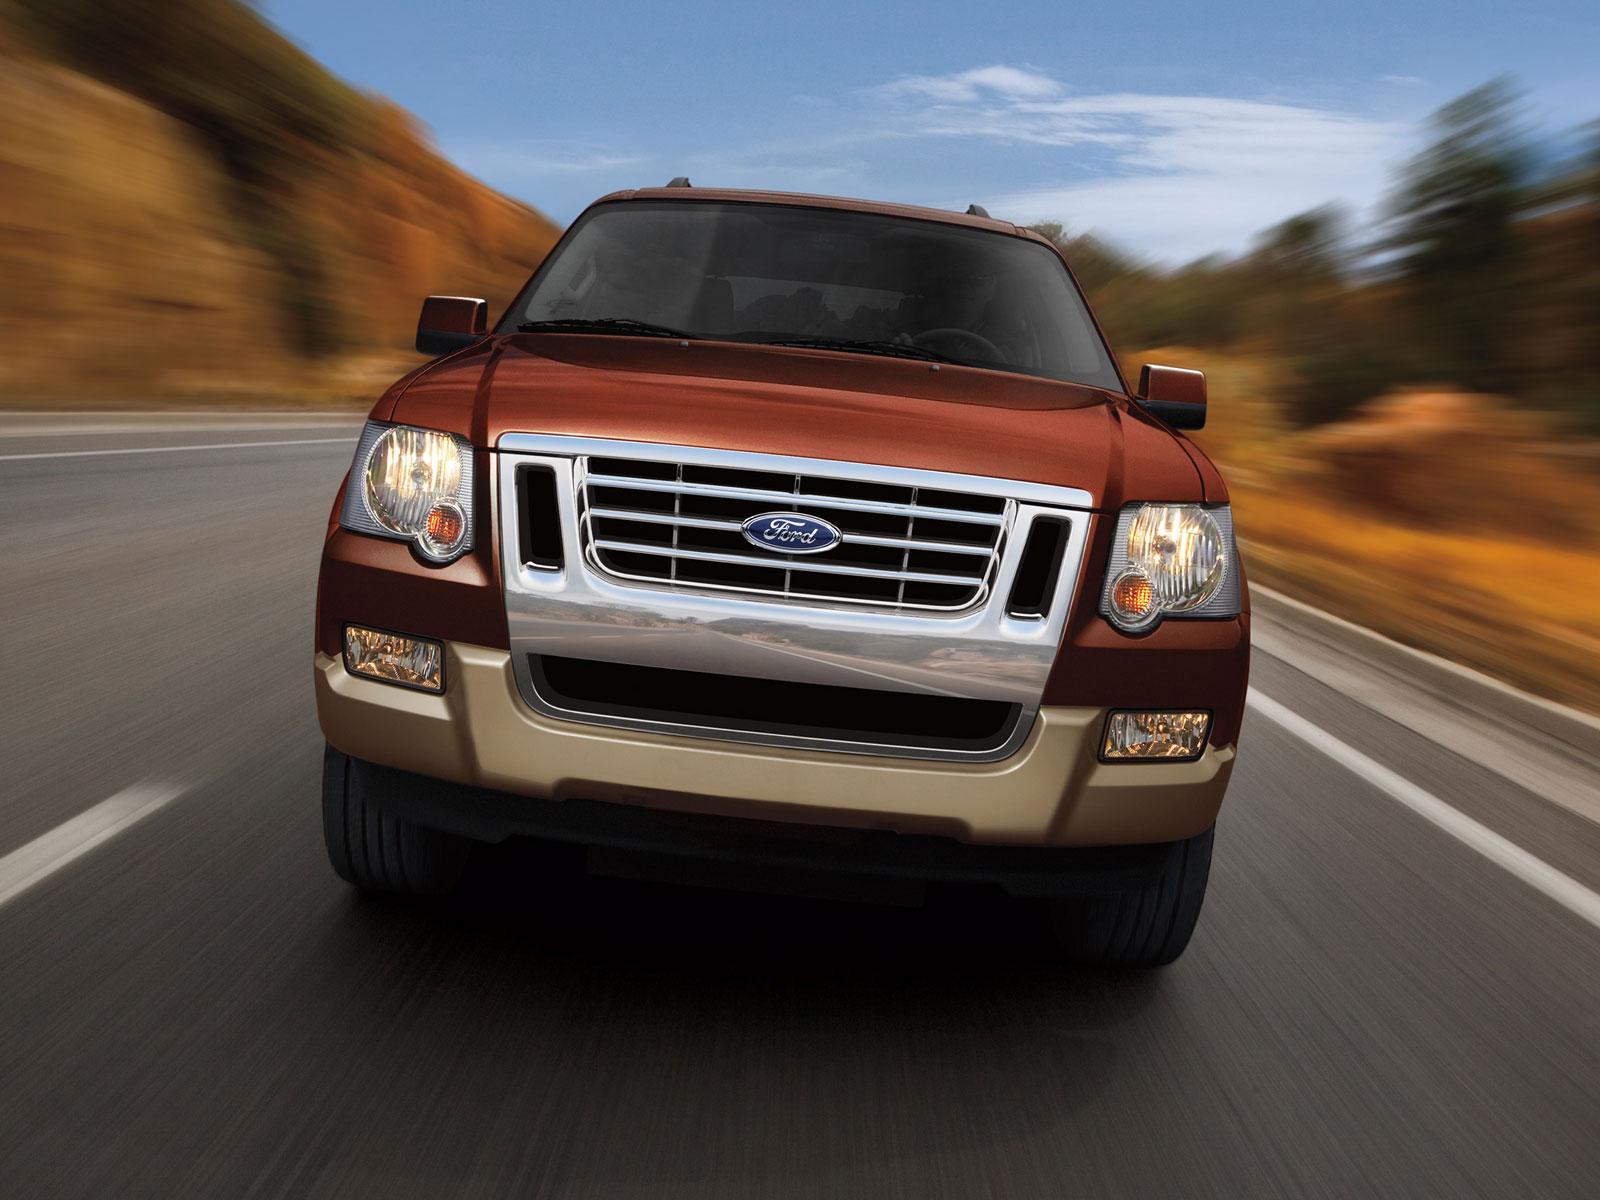 2010 Ford Explorer (c) Ford